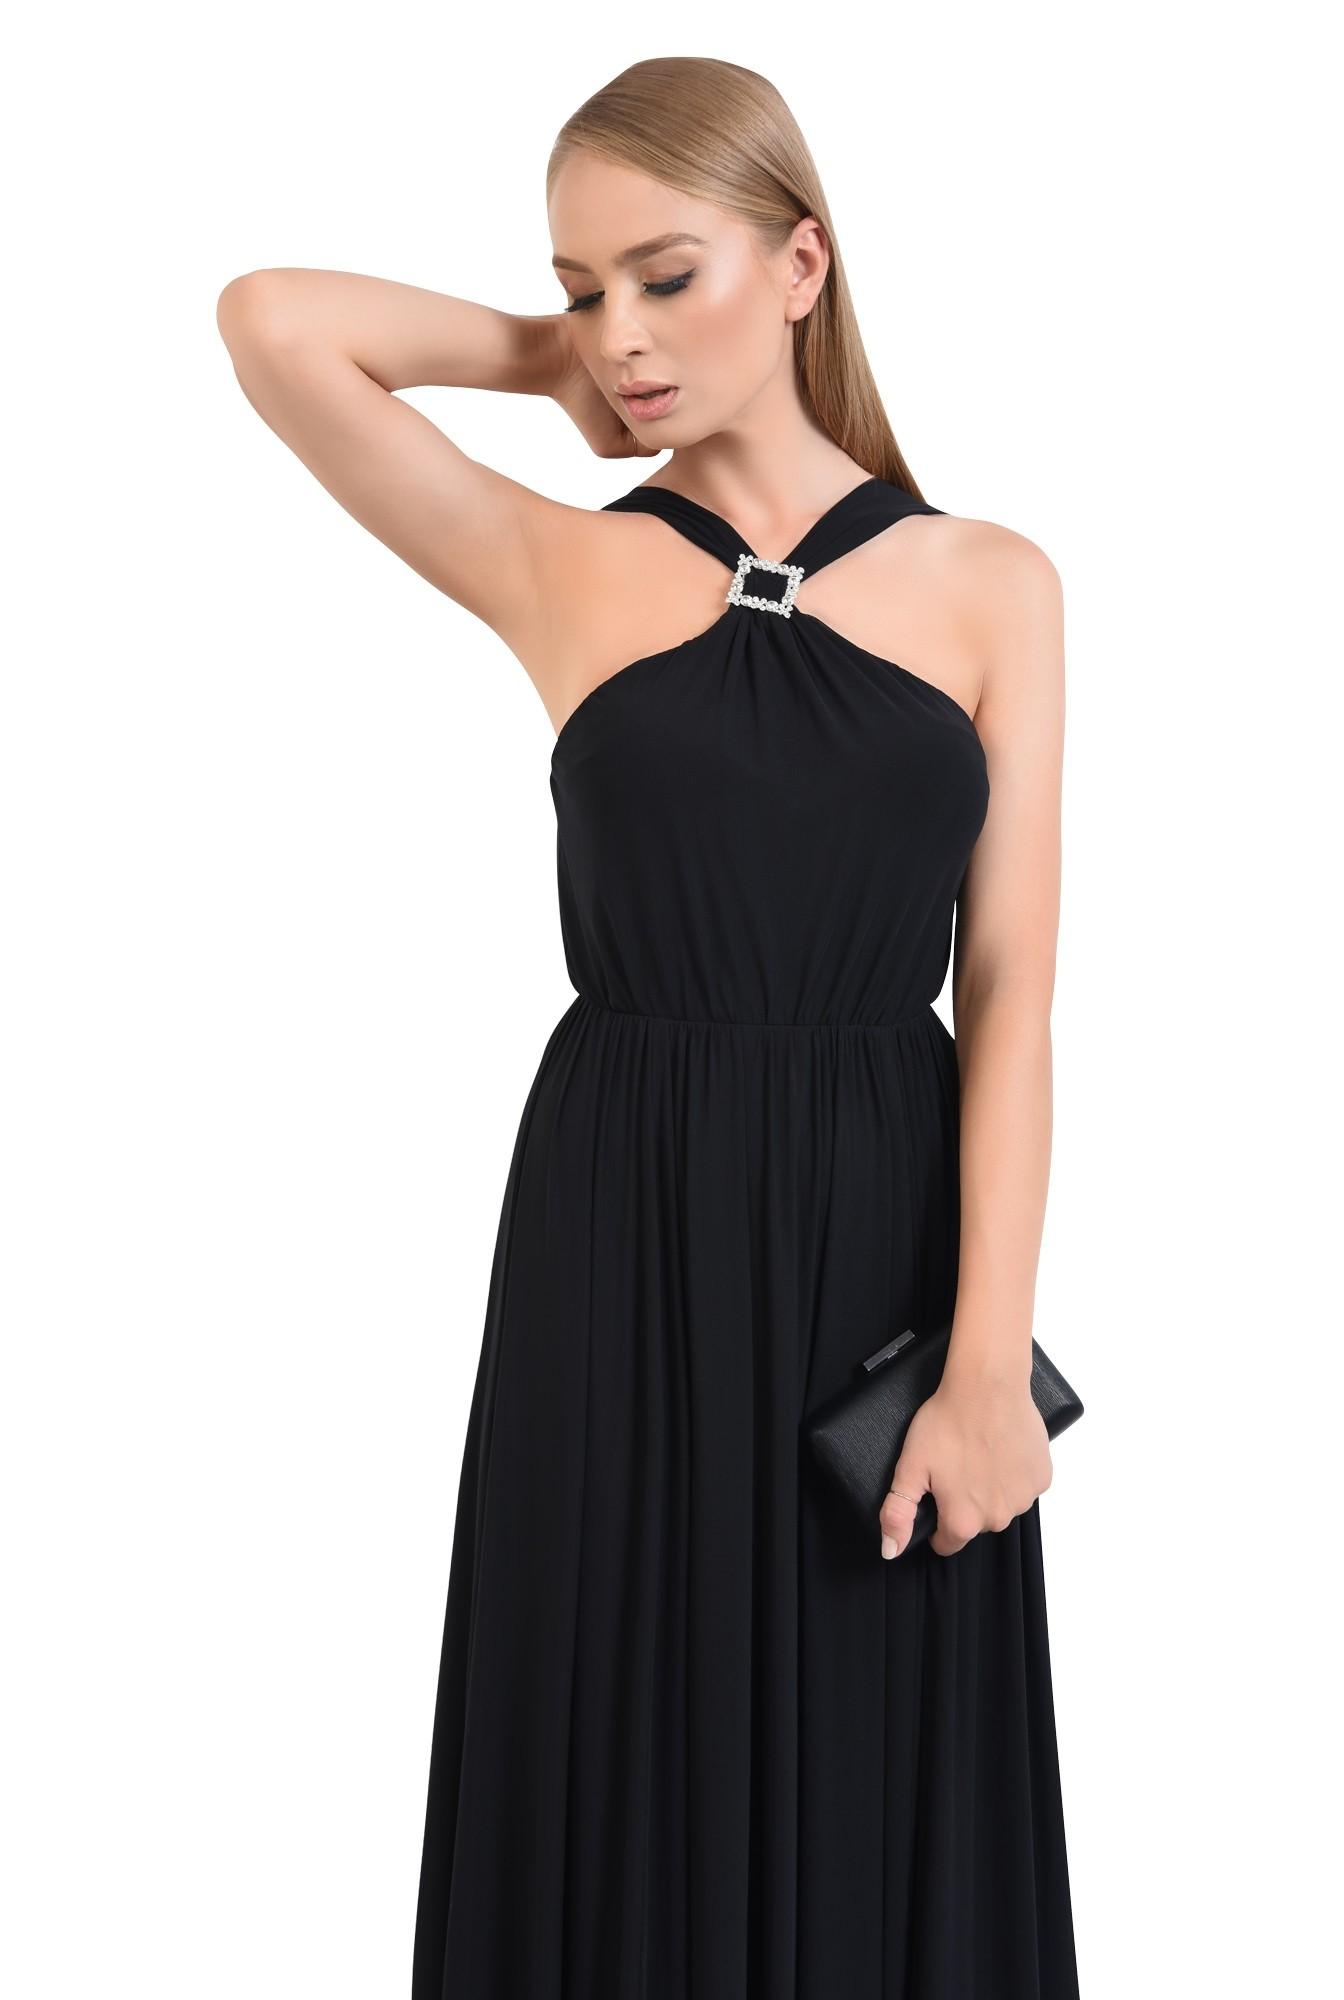 rochie de ocazie cu bretele, catarama argintie, croi evazat, rochii online